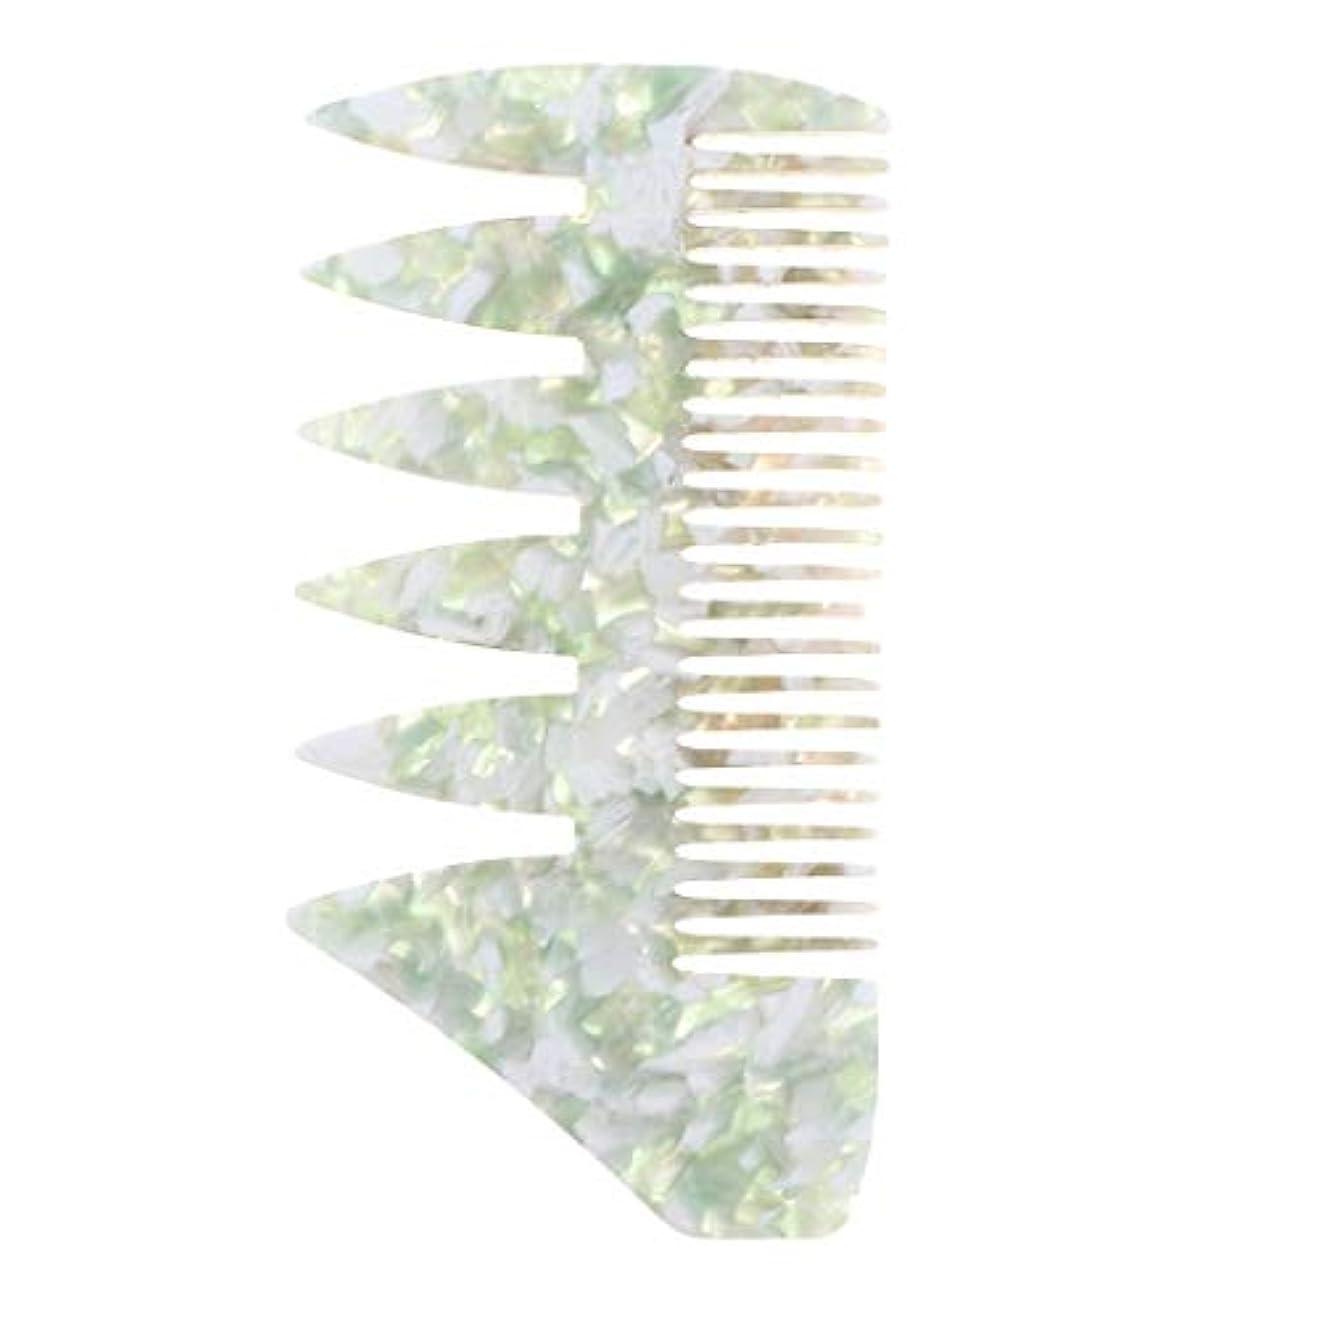 配列化粧歌CUTICATE 男性 ヘアピックコーム サロン 広い歯 ヘアスタイリングコーム 全4色 - 緑